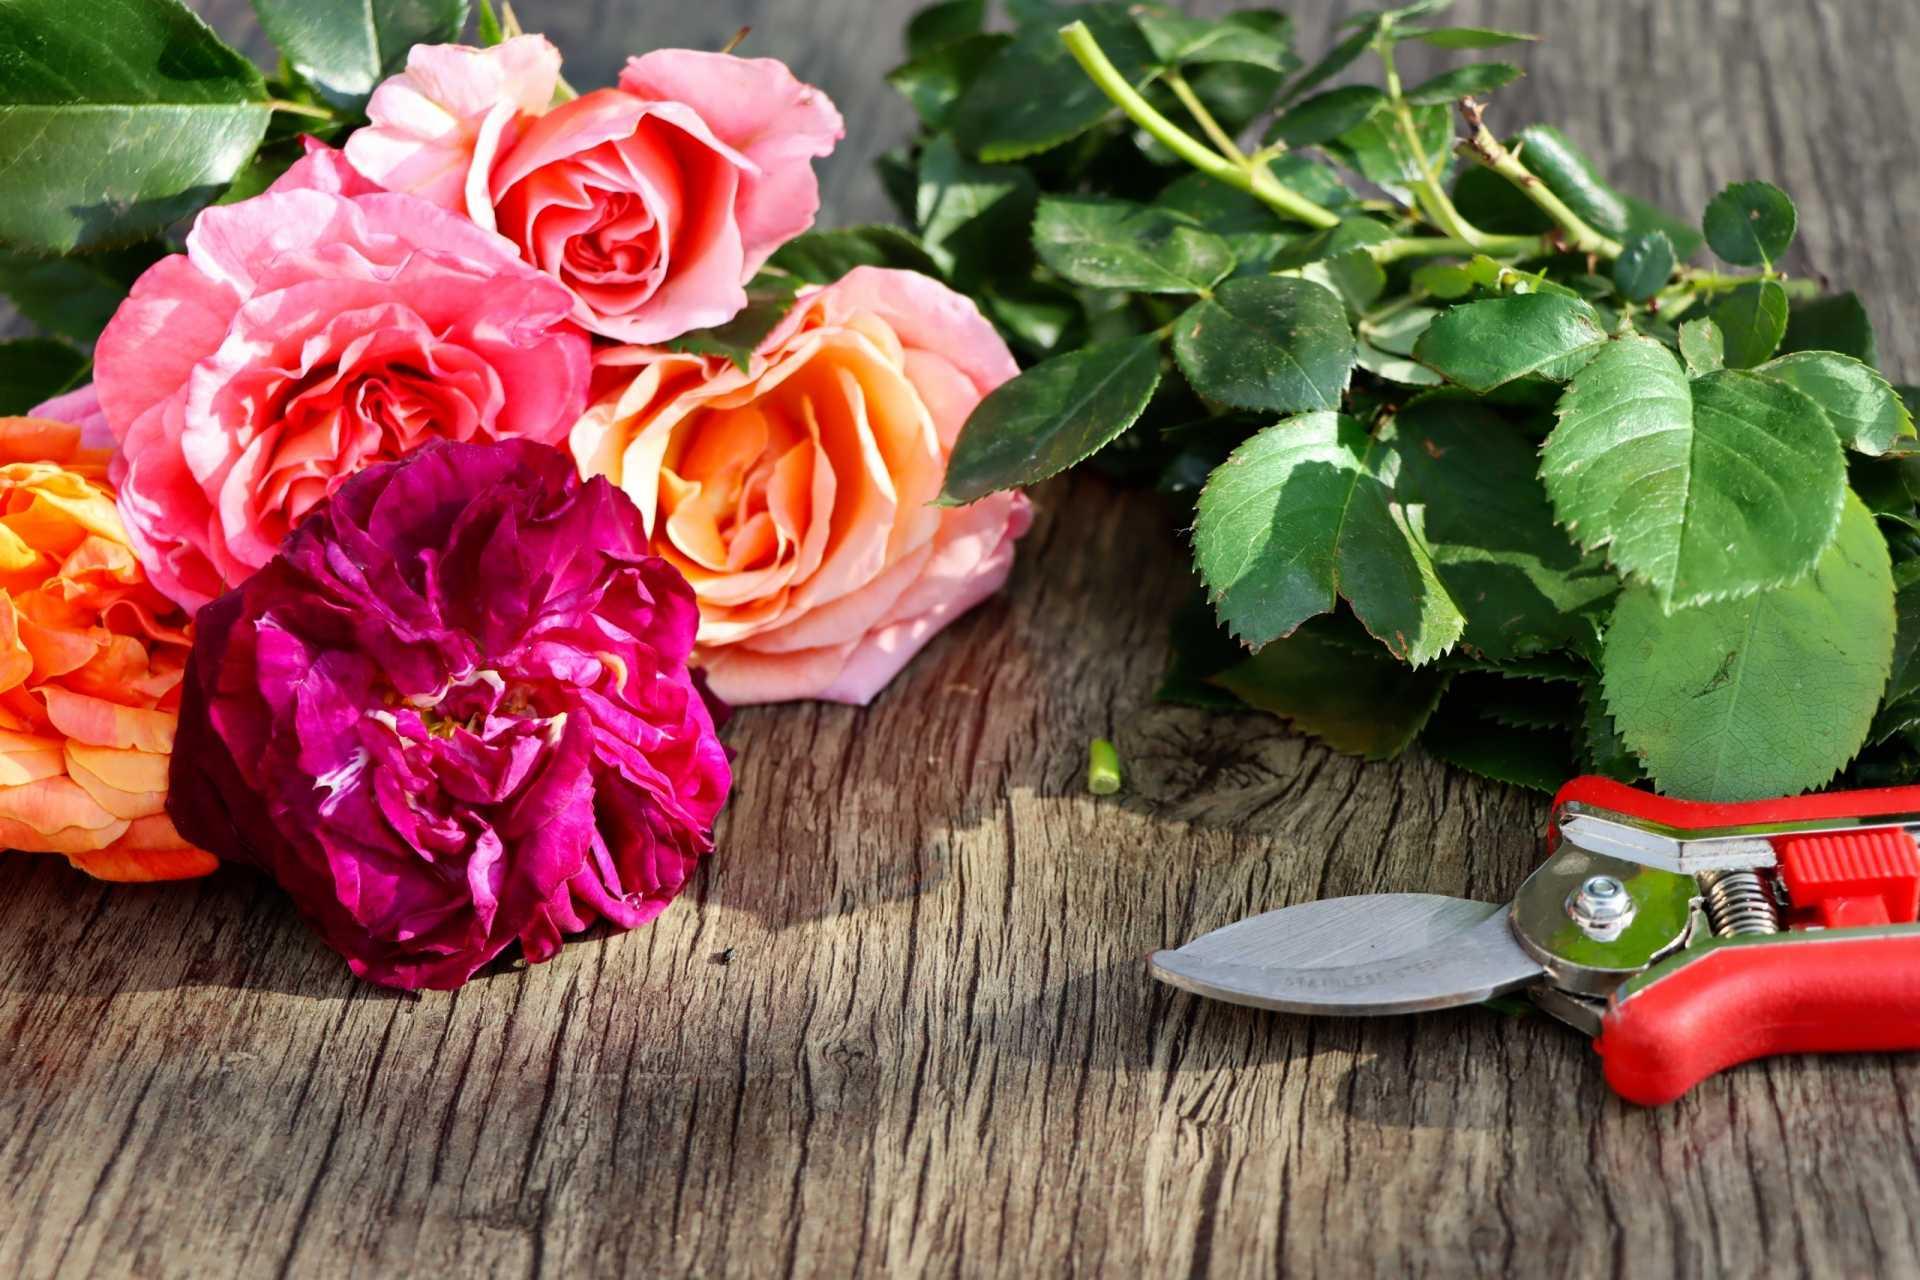 7 häufige Fehler beim Rosenschnitt, die Rosen beschädigen